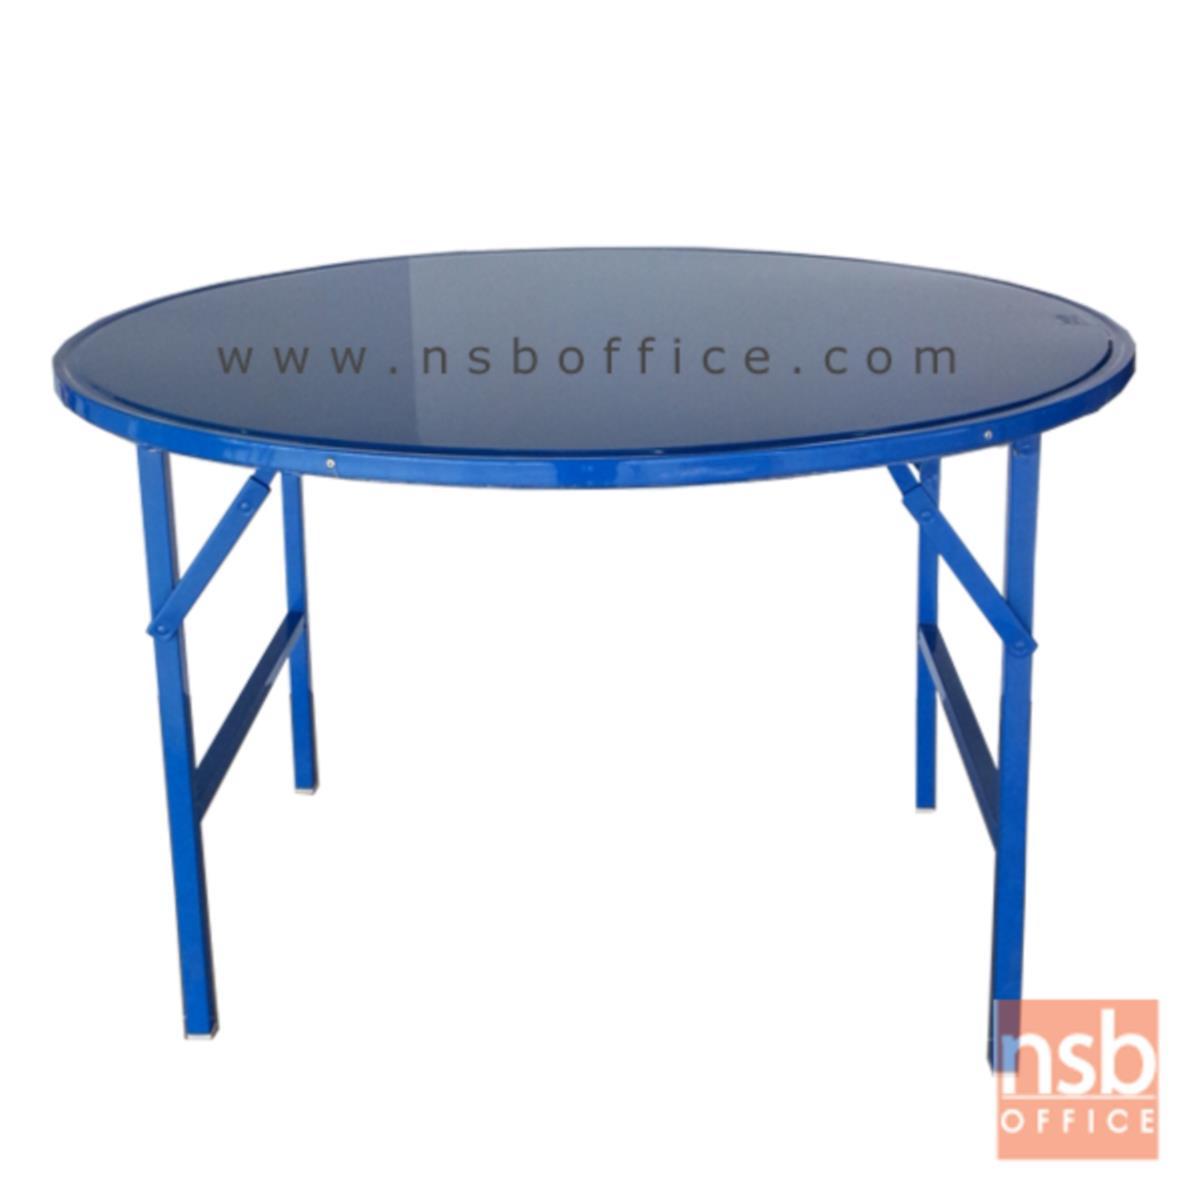 A08A007:โต๊ะพับหน้าเหล็ก  ขนาด 116.5Di cm.  ขาซ่อน 4 ฟุต